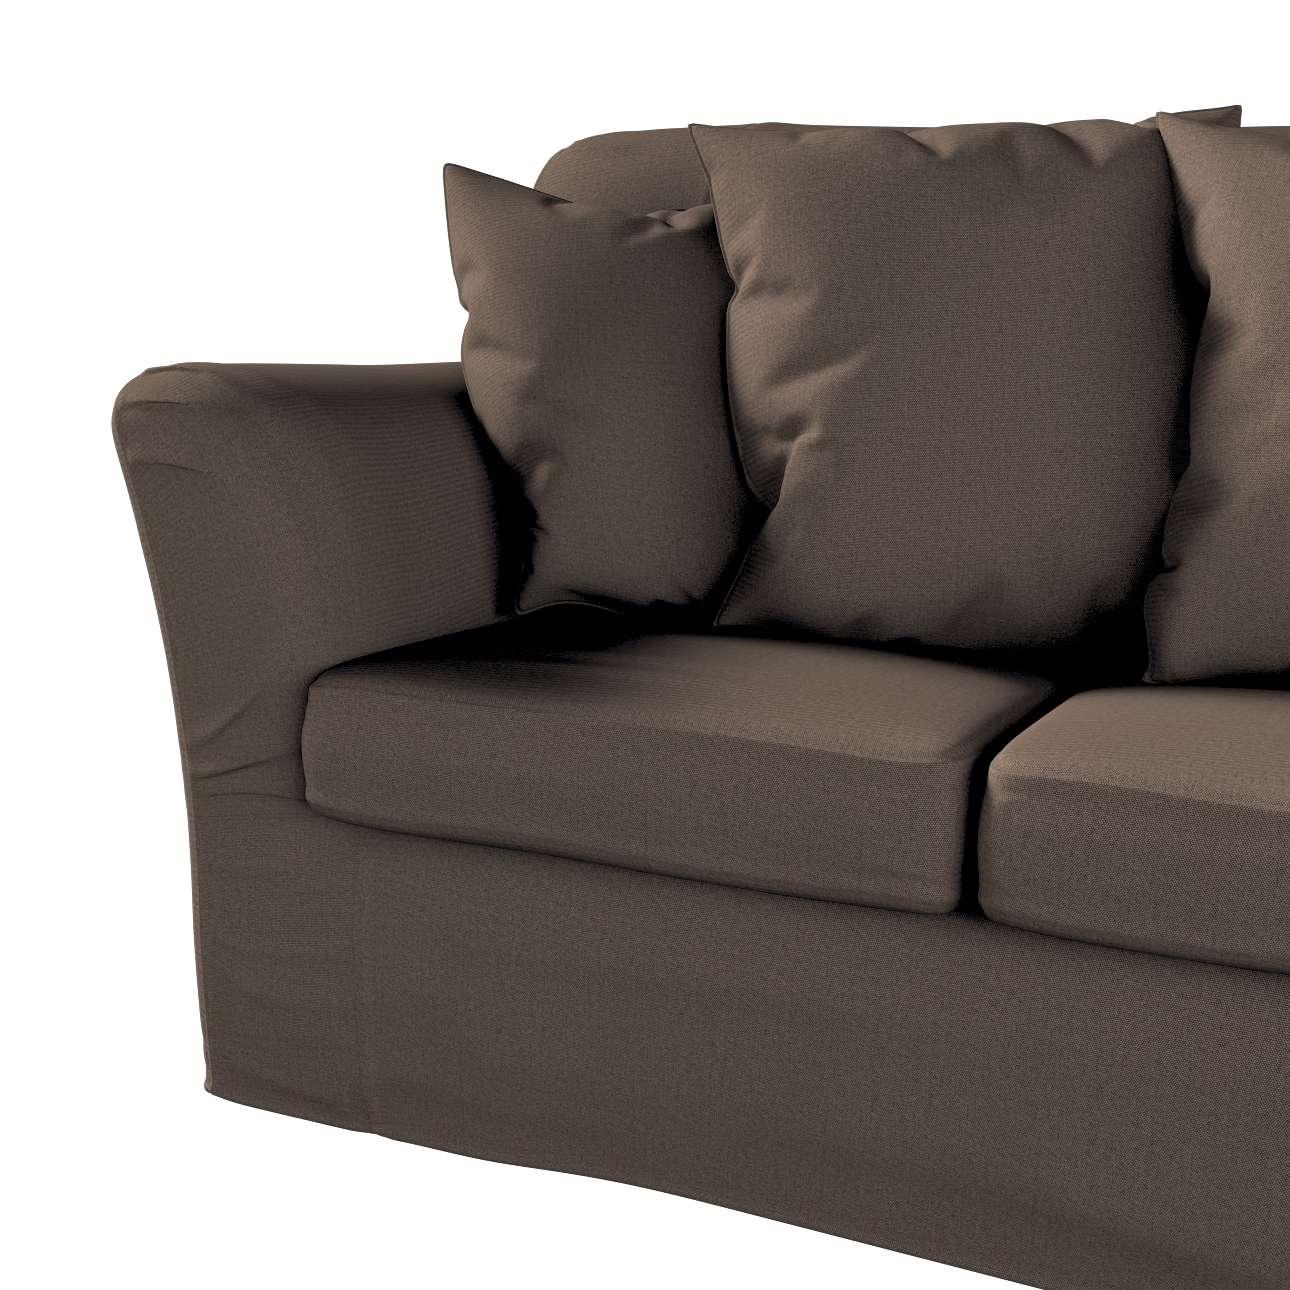 Pokrowiec na sofę Tomelilla 3-osobową nierozkładaną w kolekcji Etna, tkanina: 705-08